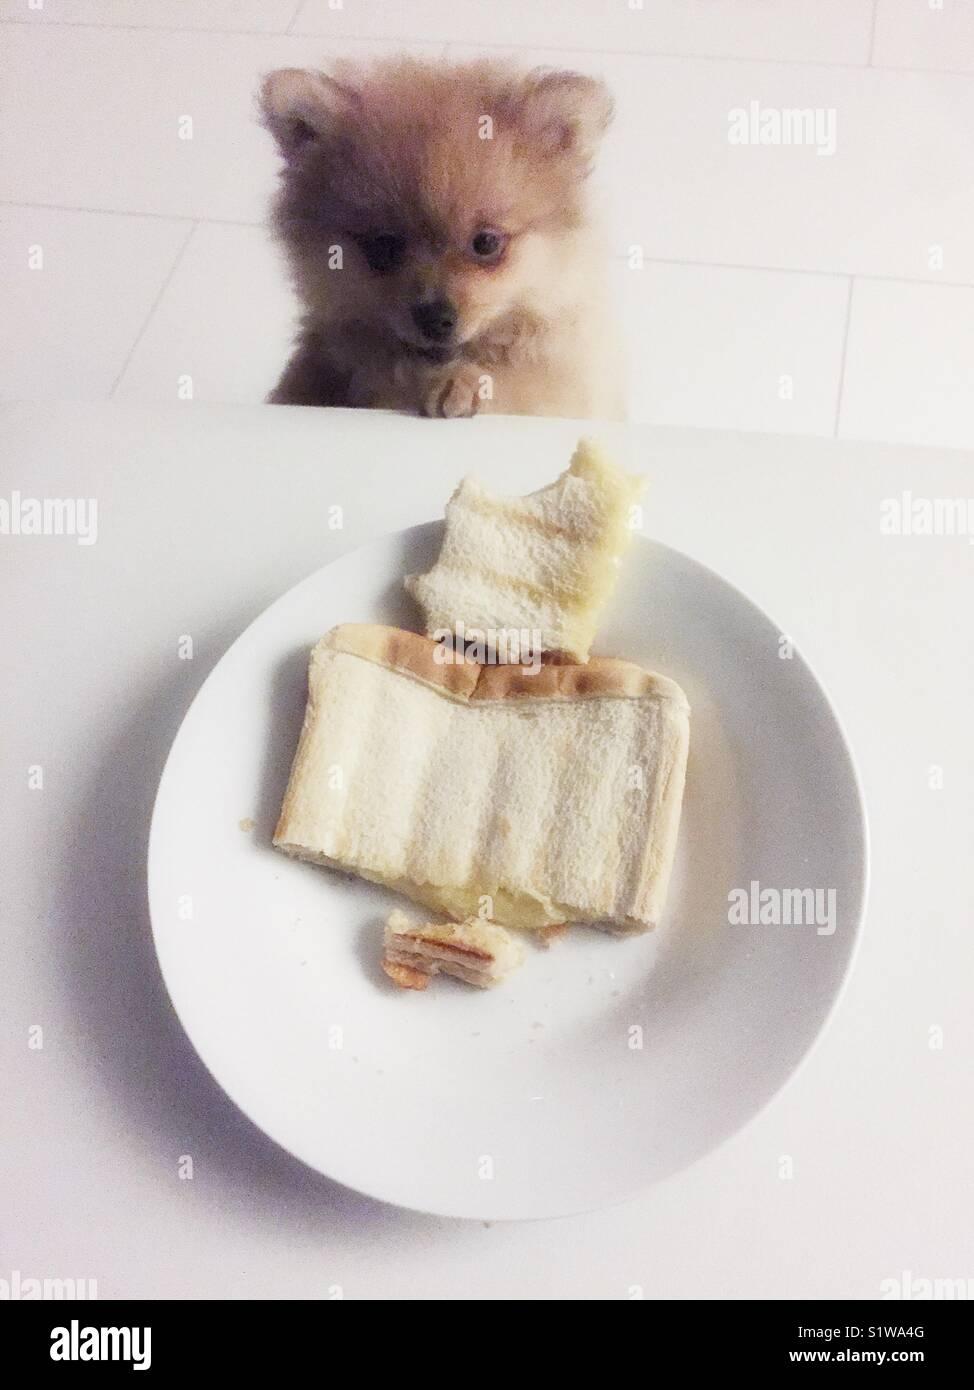 Cachorro Pomaranion mirando la placa de sandwich toastie Imagen De Stock